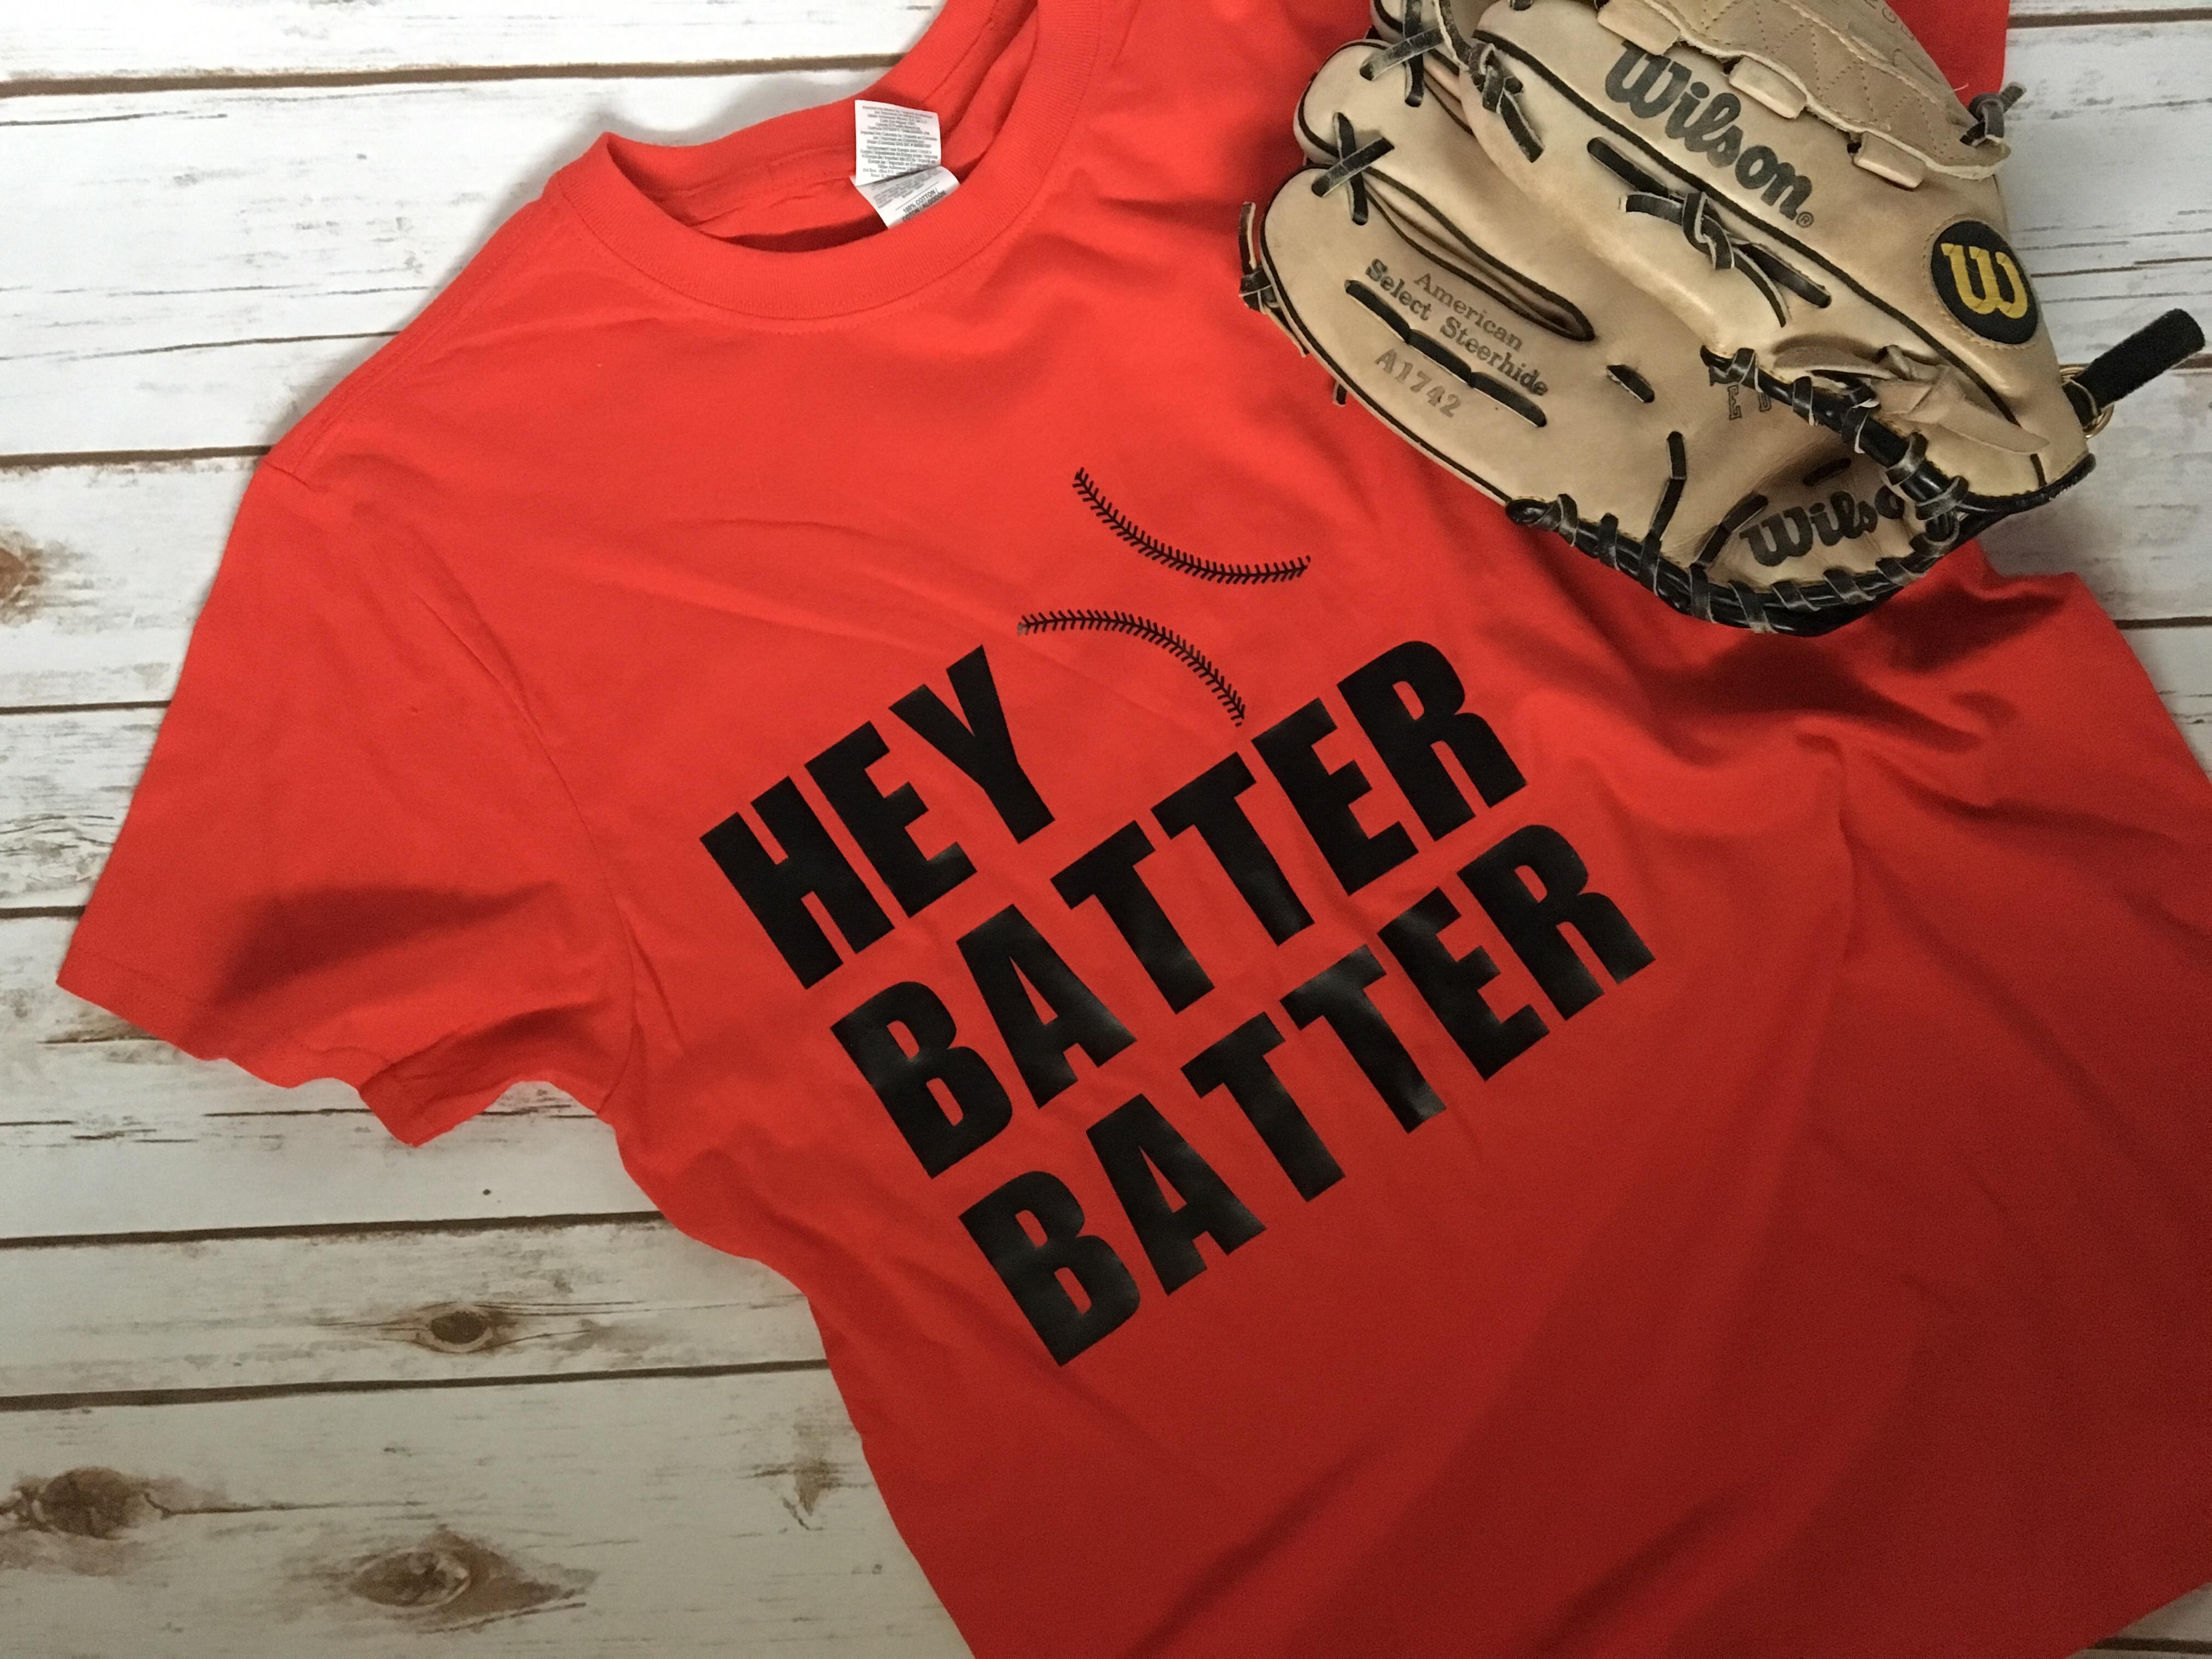 2d5376e76 ... Hey Batter Batter T-shirt. Show all. 🔍. Gildan_Softstyle